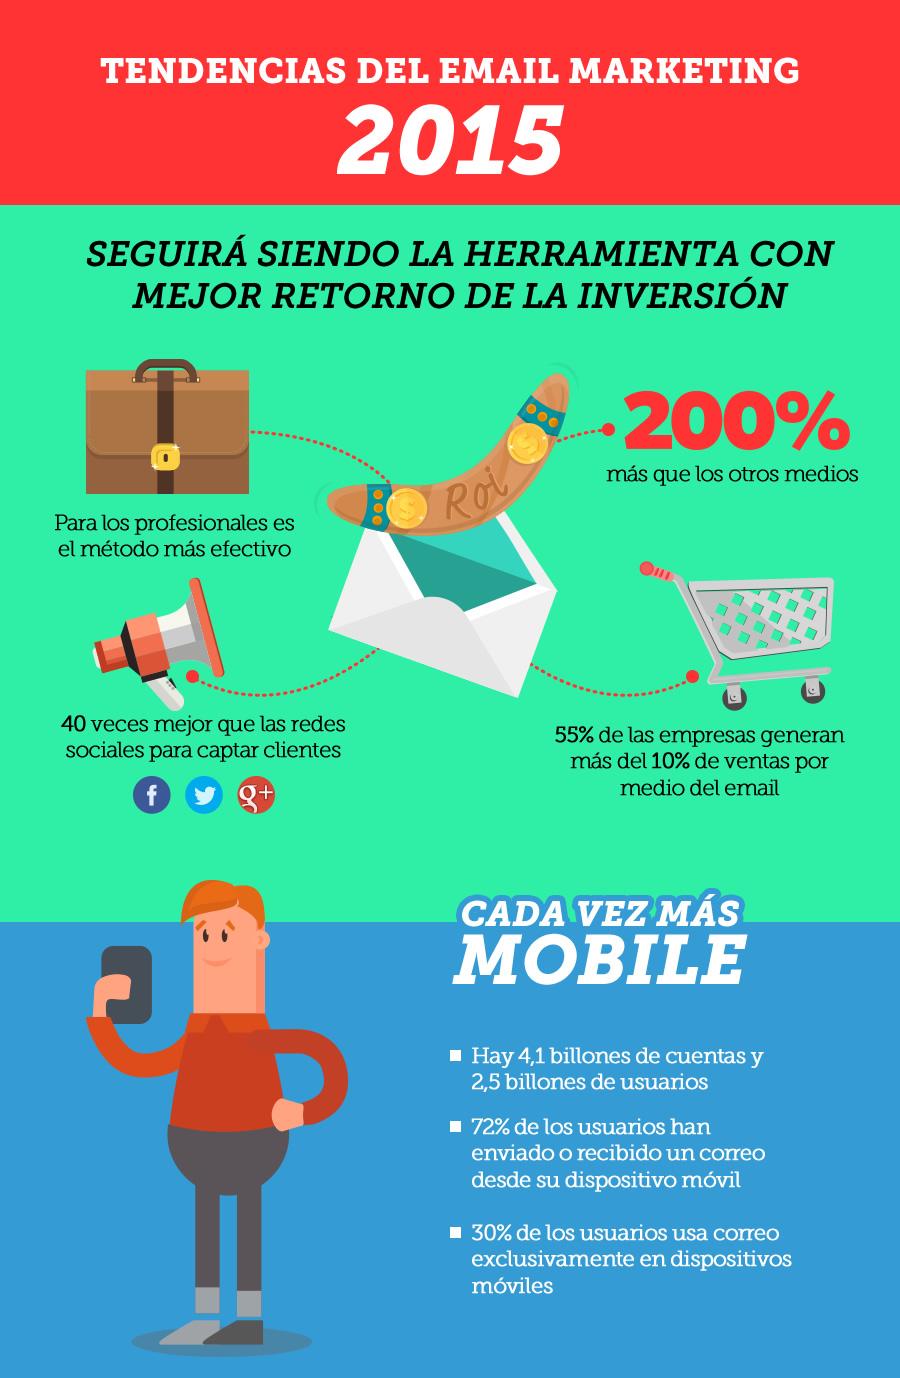 infografia_tendencias_emarketing1